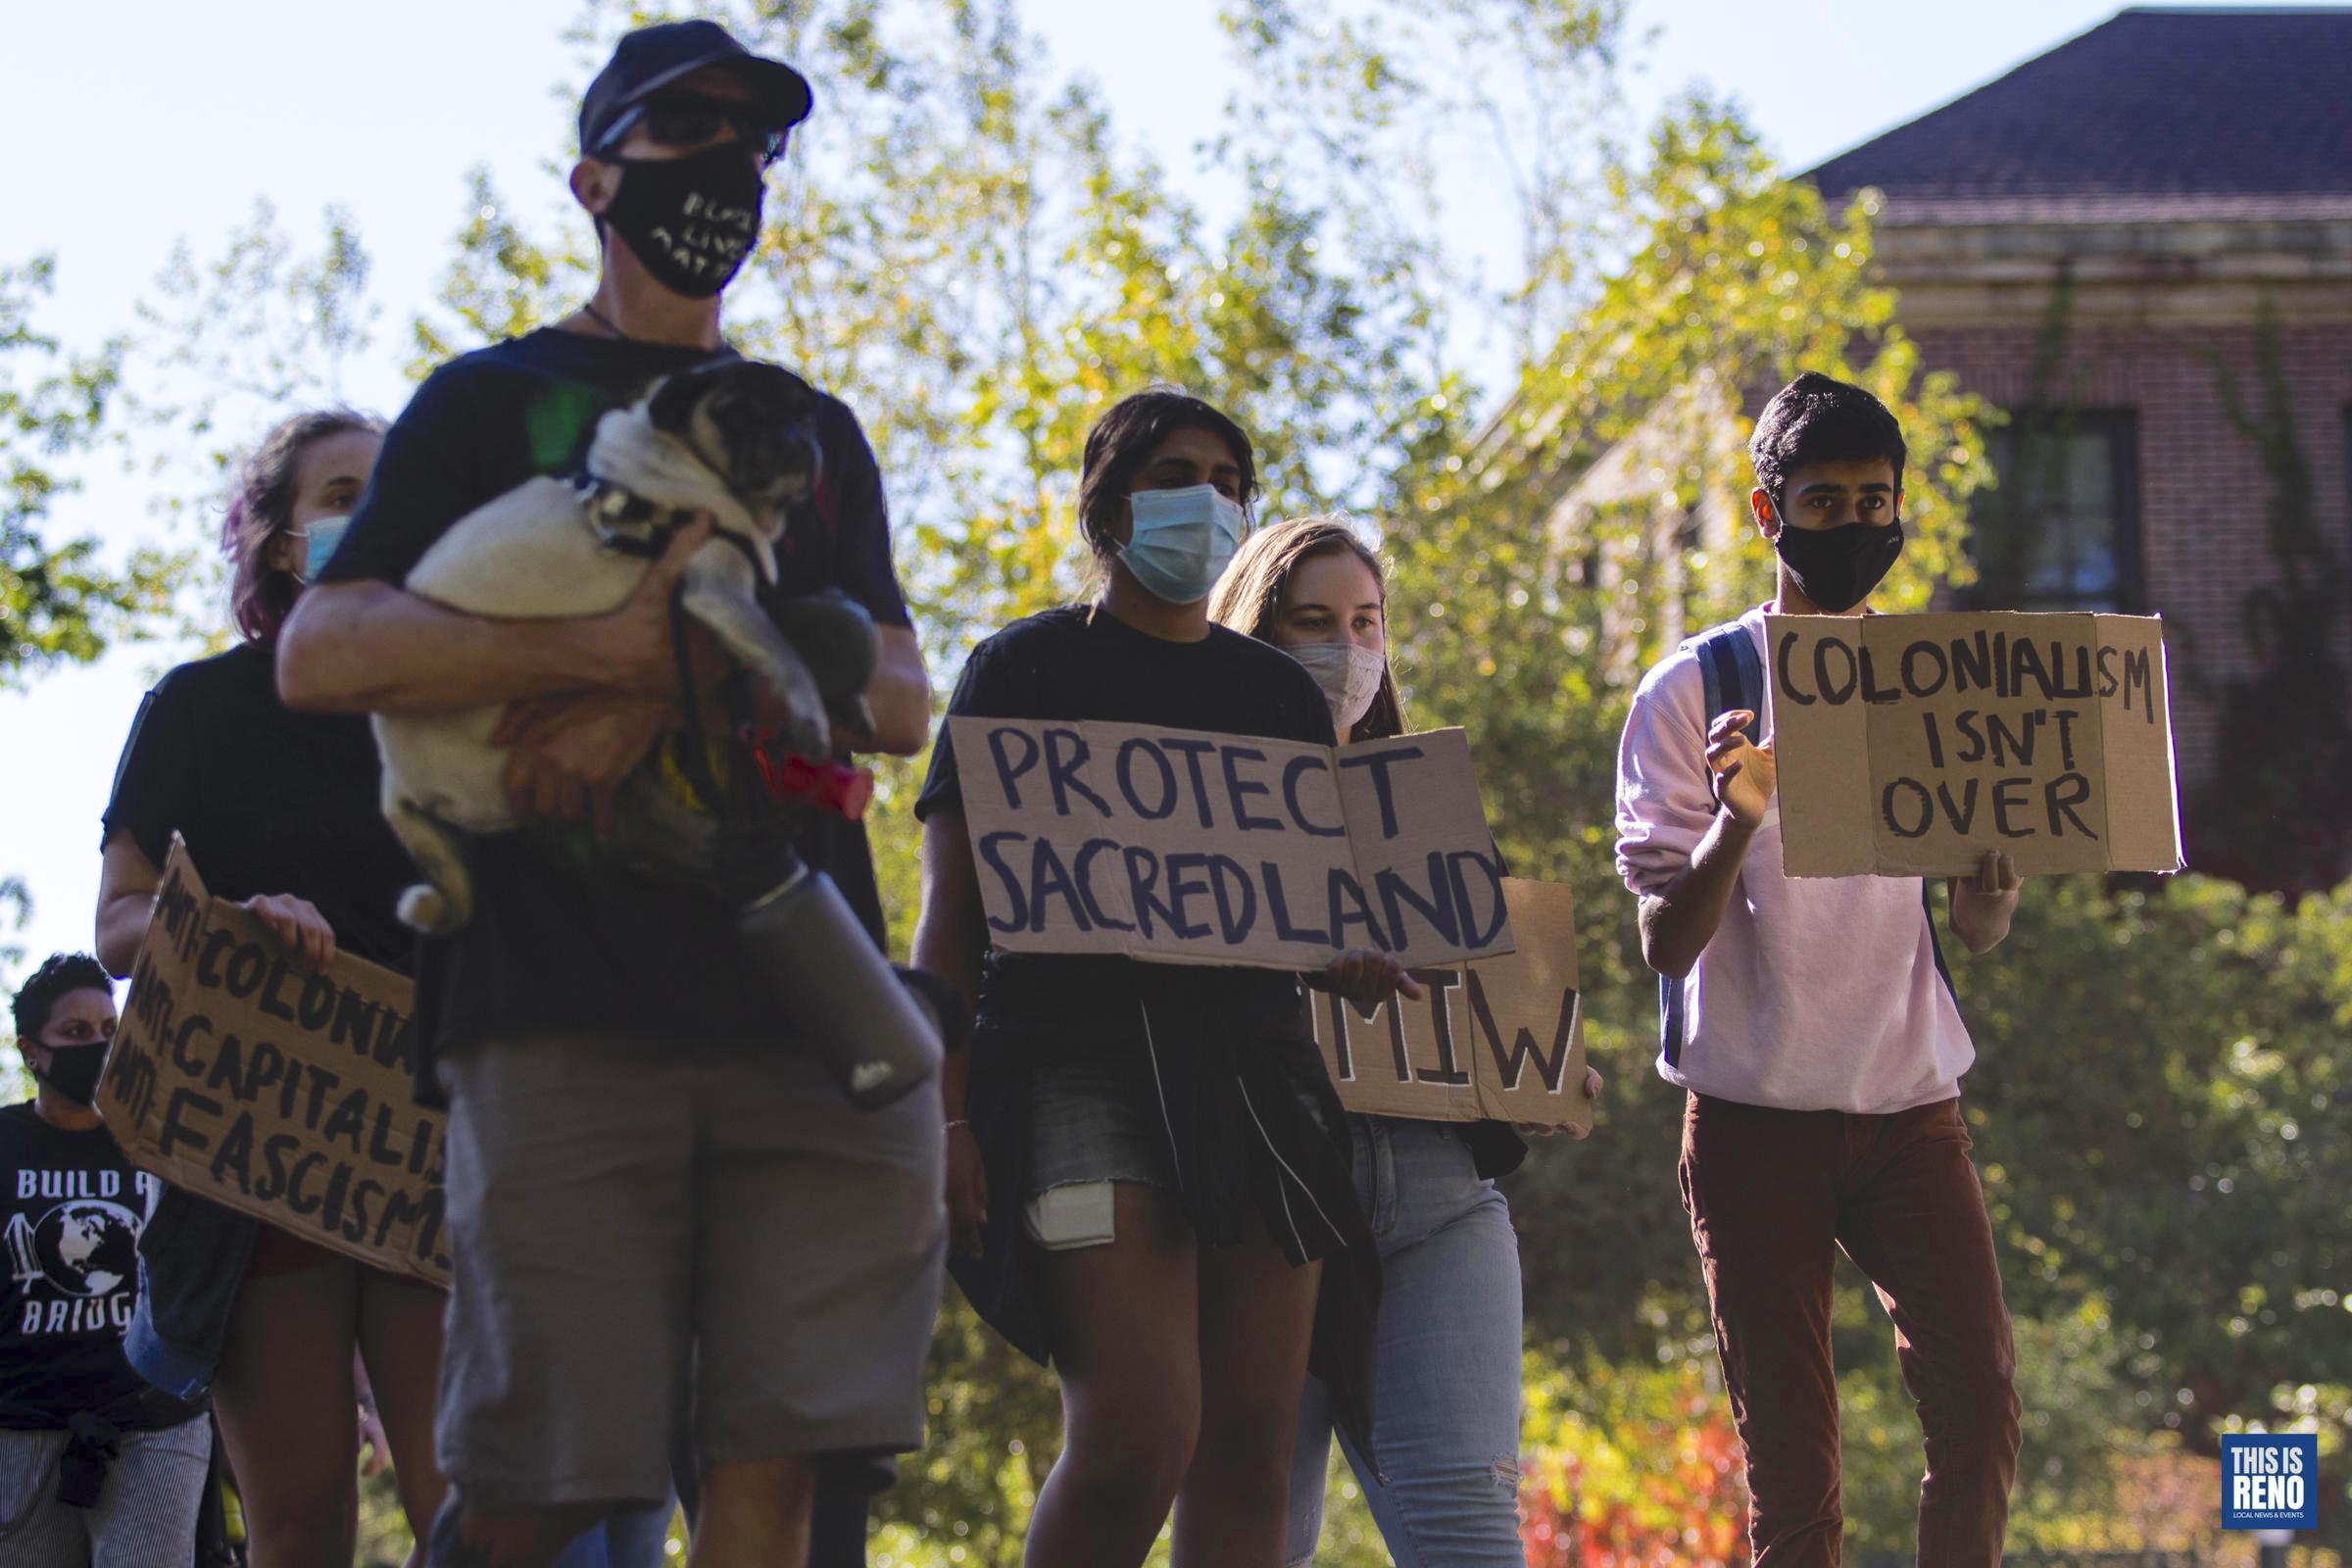 """Un grupo de personas marcha. Una persona sostiene un perro. La gente sostiene carteles en los que se lee: """"Protege la tierra sagrada"""" y """"El colonialismo no ha terminado""""."""